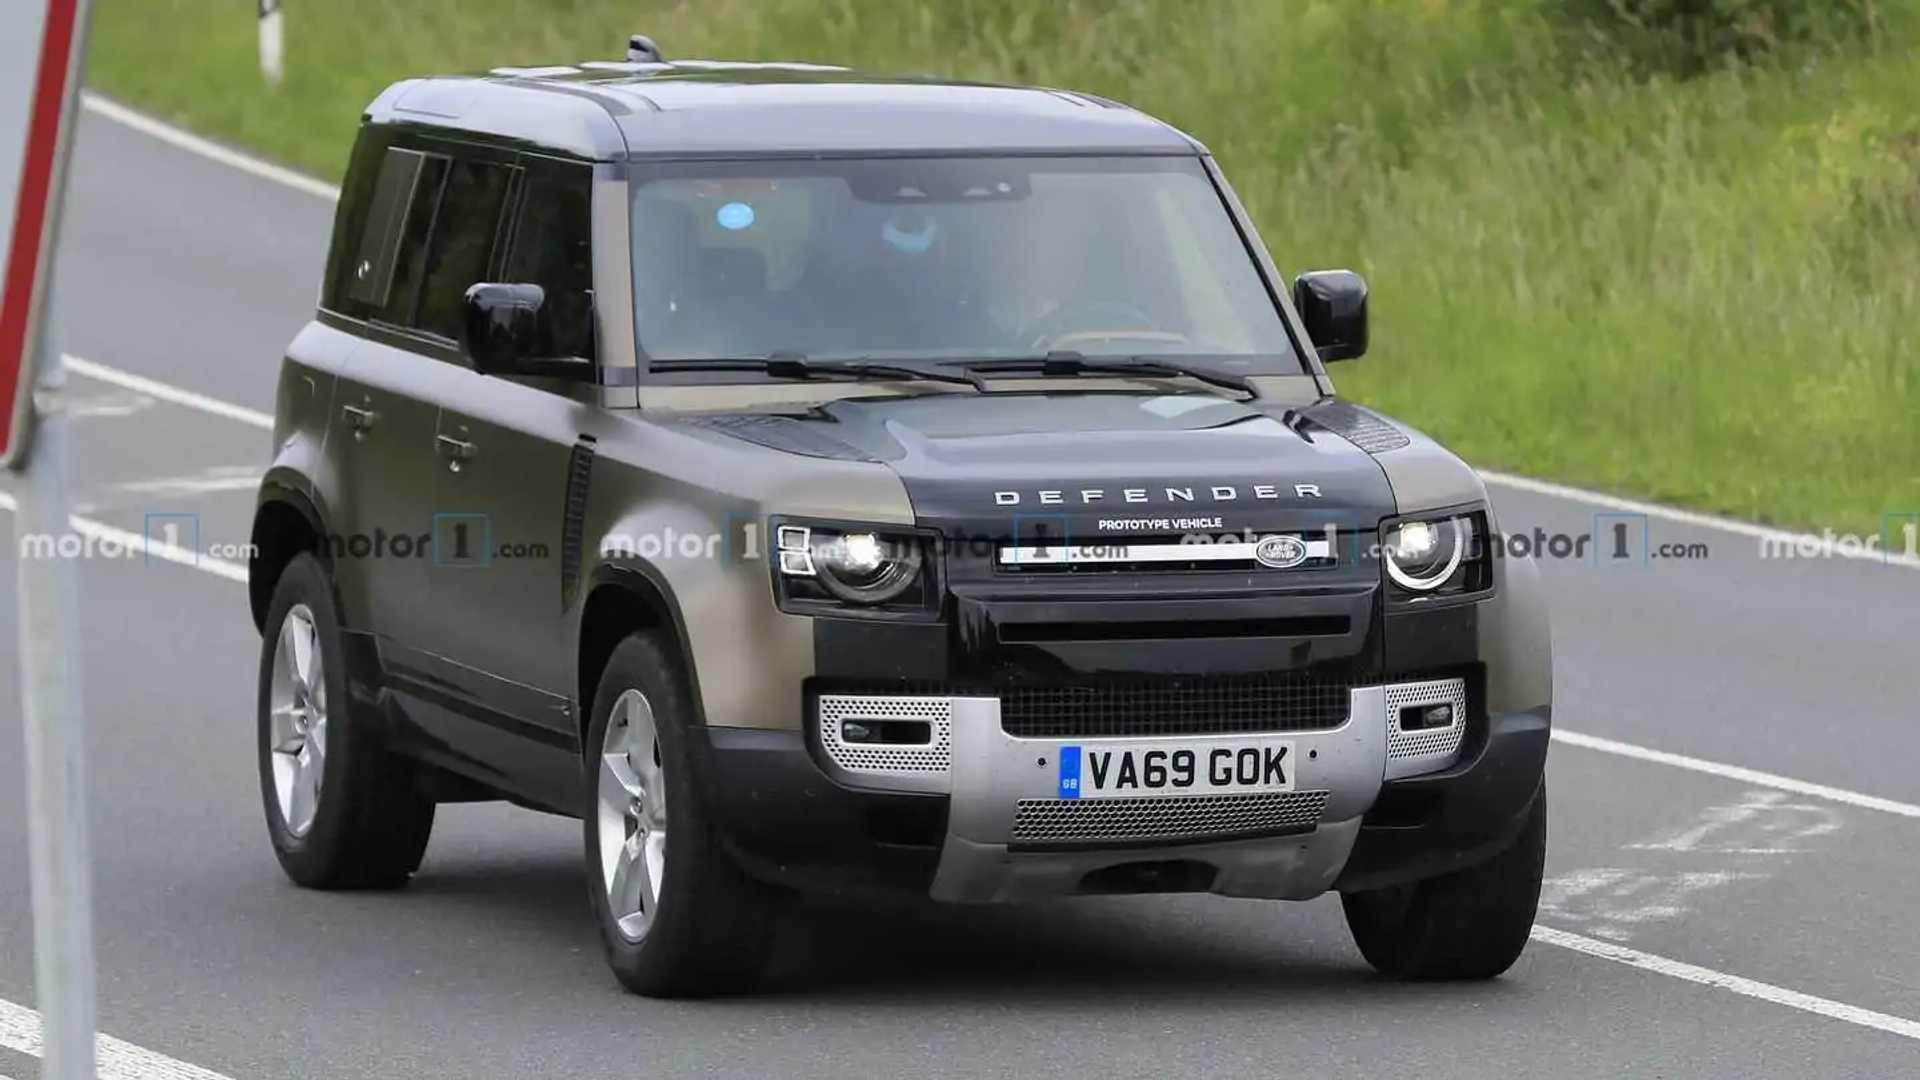 Land Rover Defender V8 Spy Photos